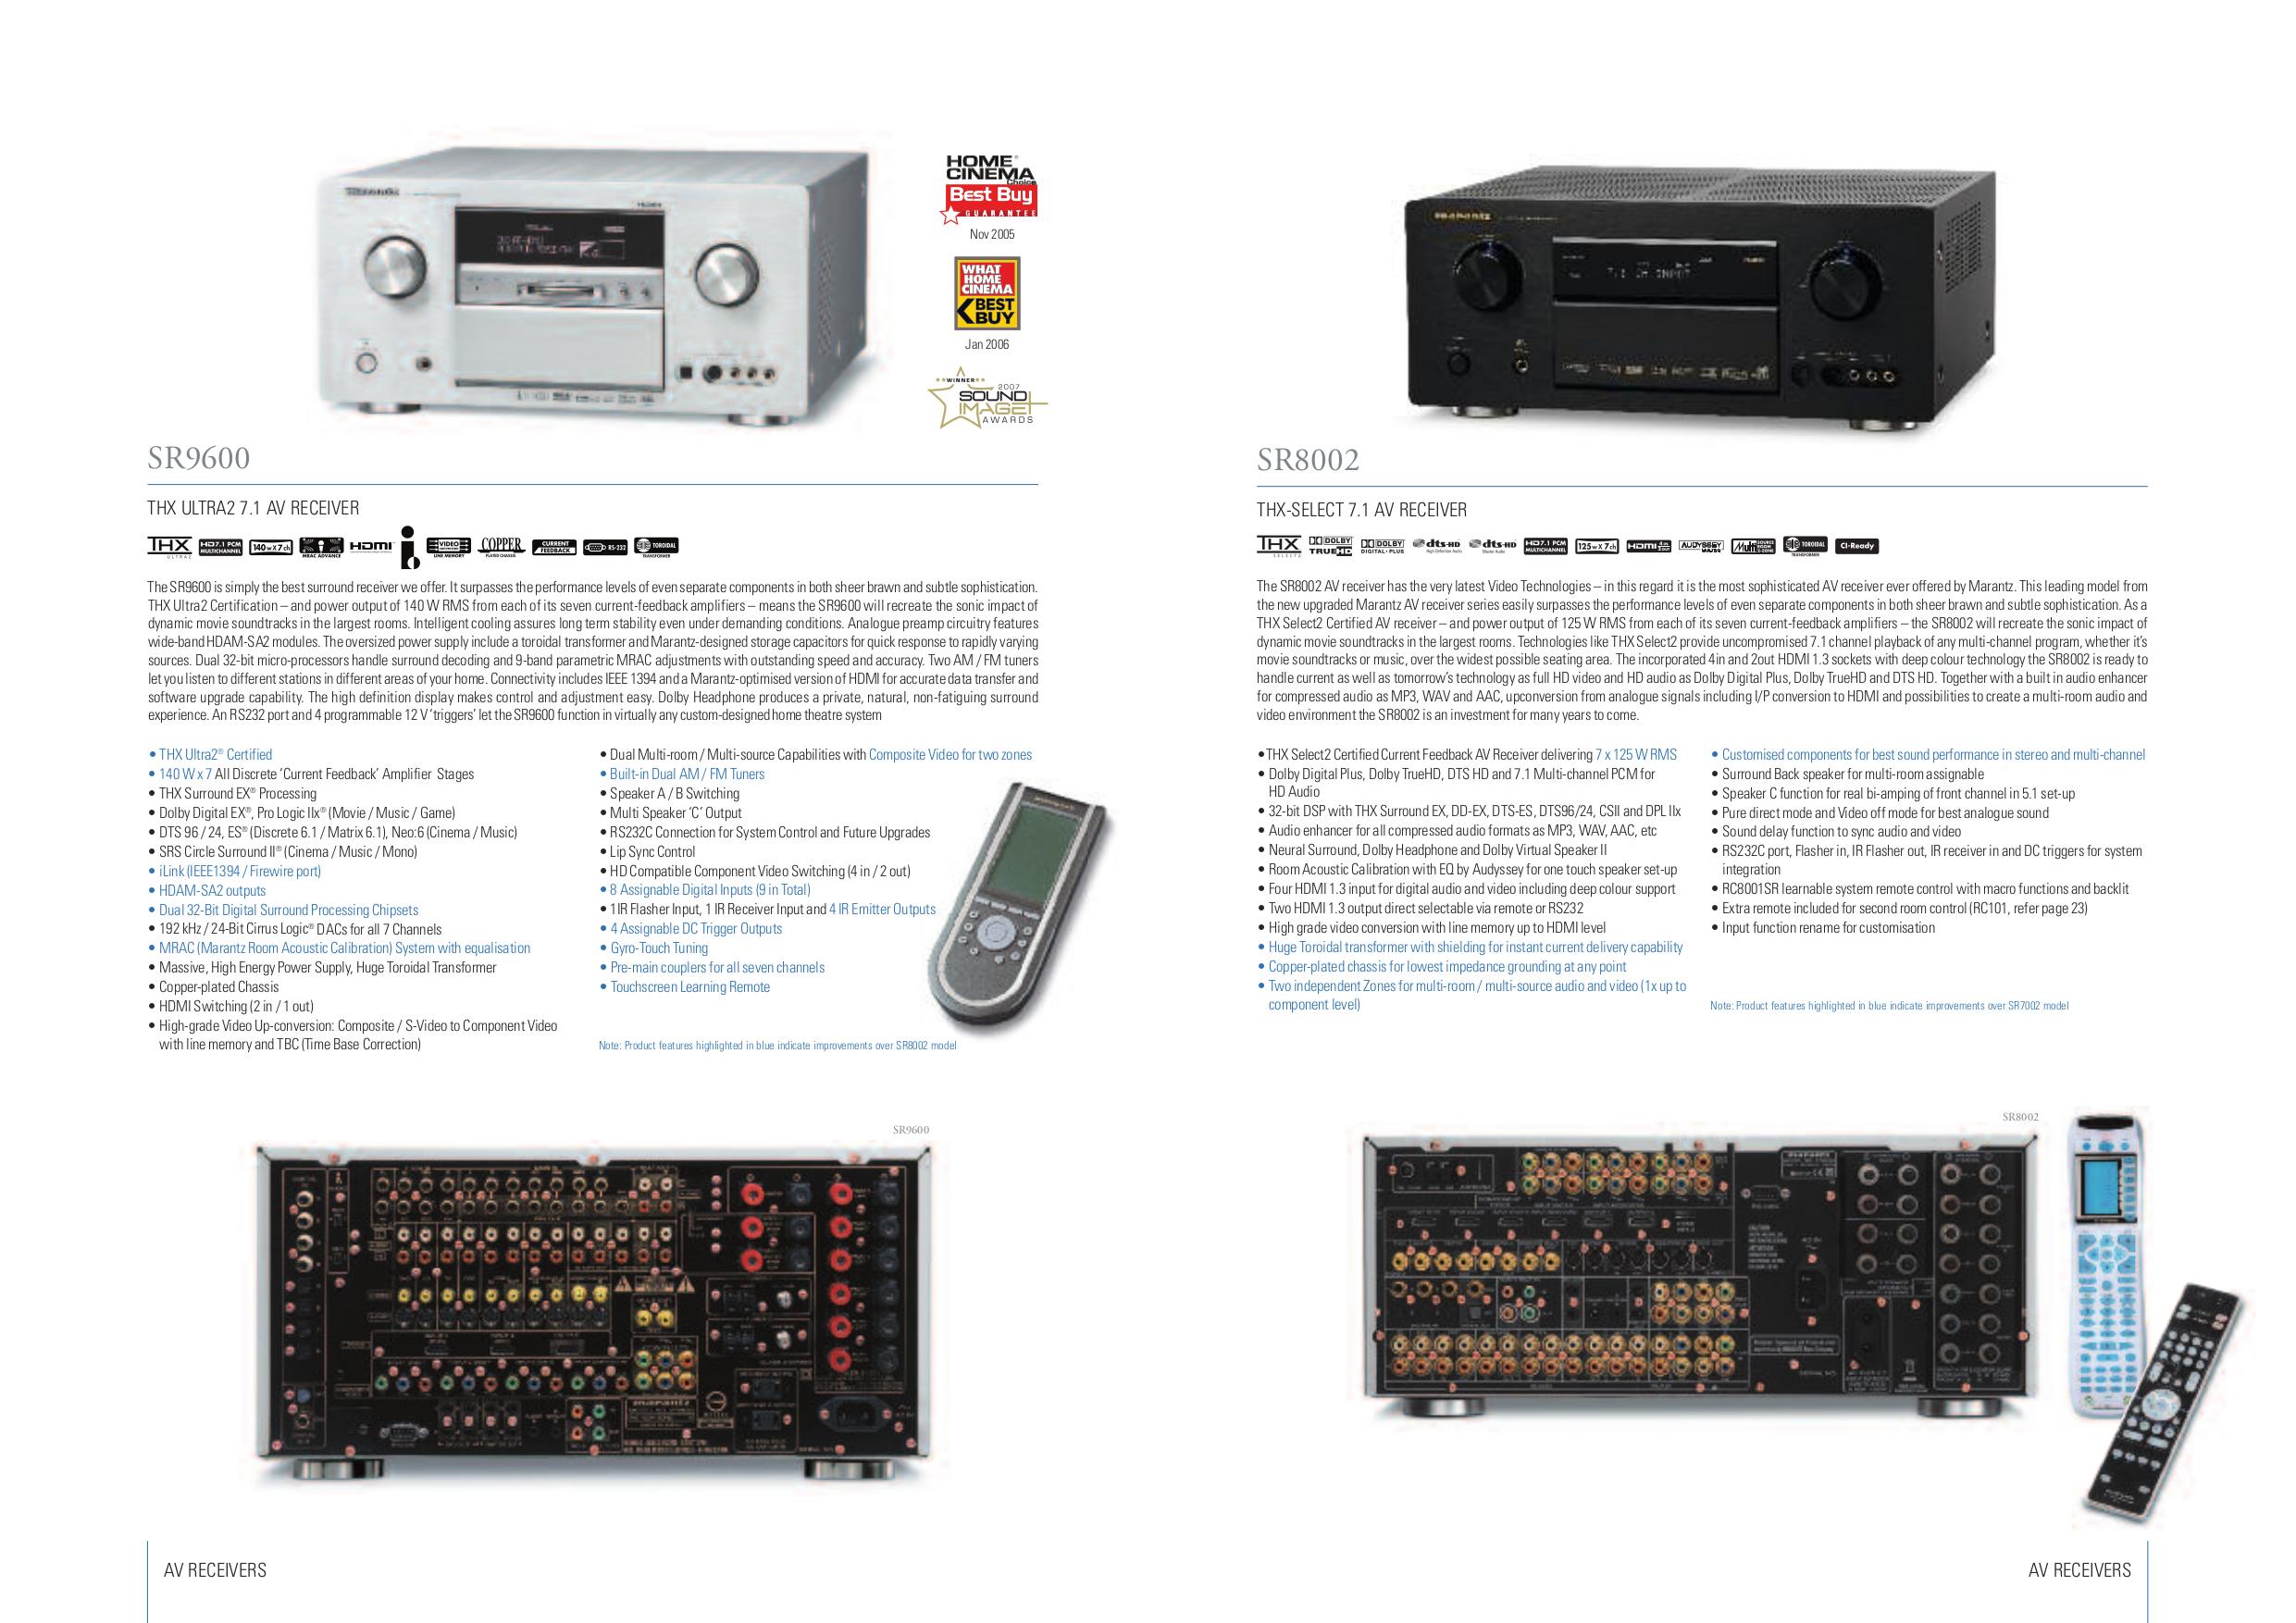 download free pdf for marantz sr9600 receiver manual rh umlib com Marantz SR9600 THX Ultra2 marantz sr9600 manual download